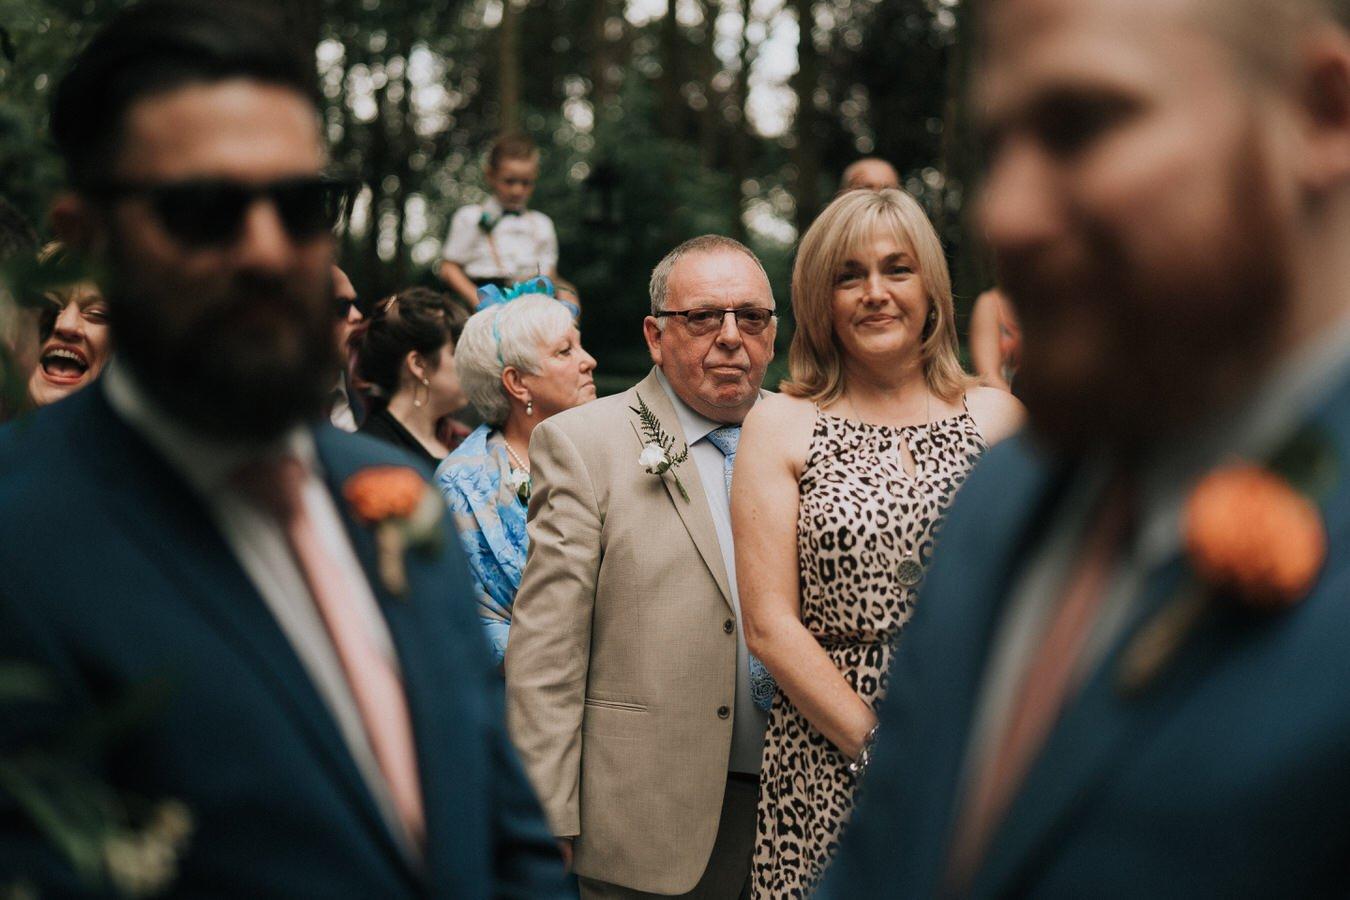 The-Station-House-wedding-Dublin-photographer- 0057 55